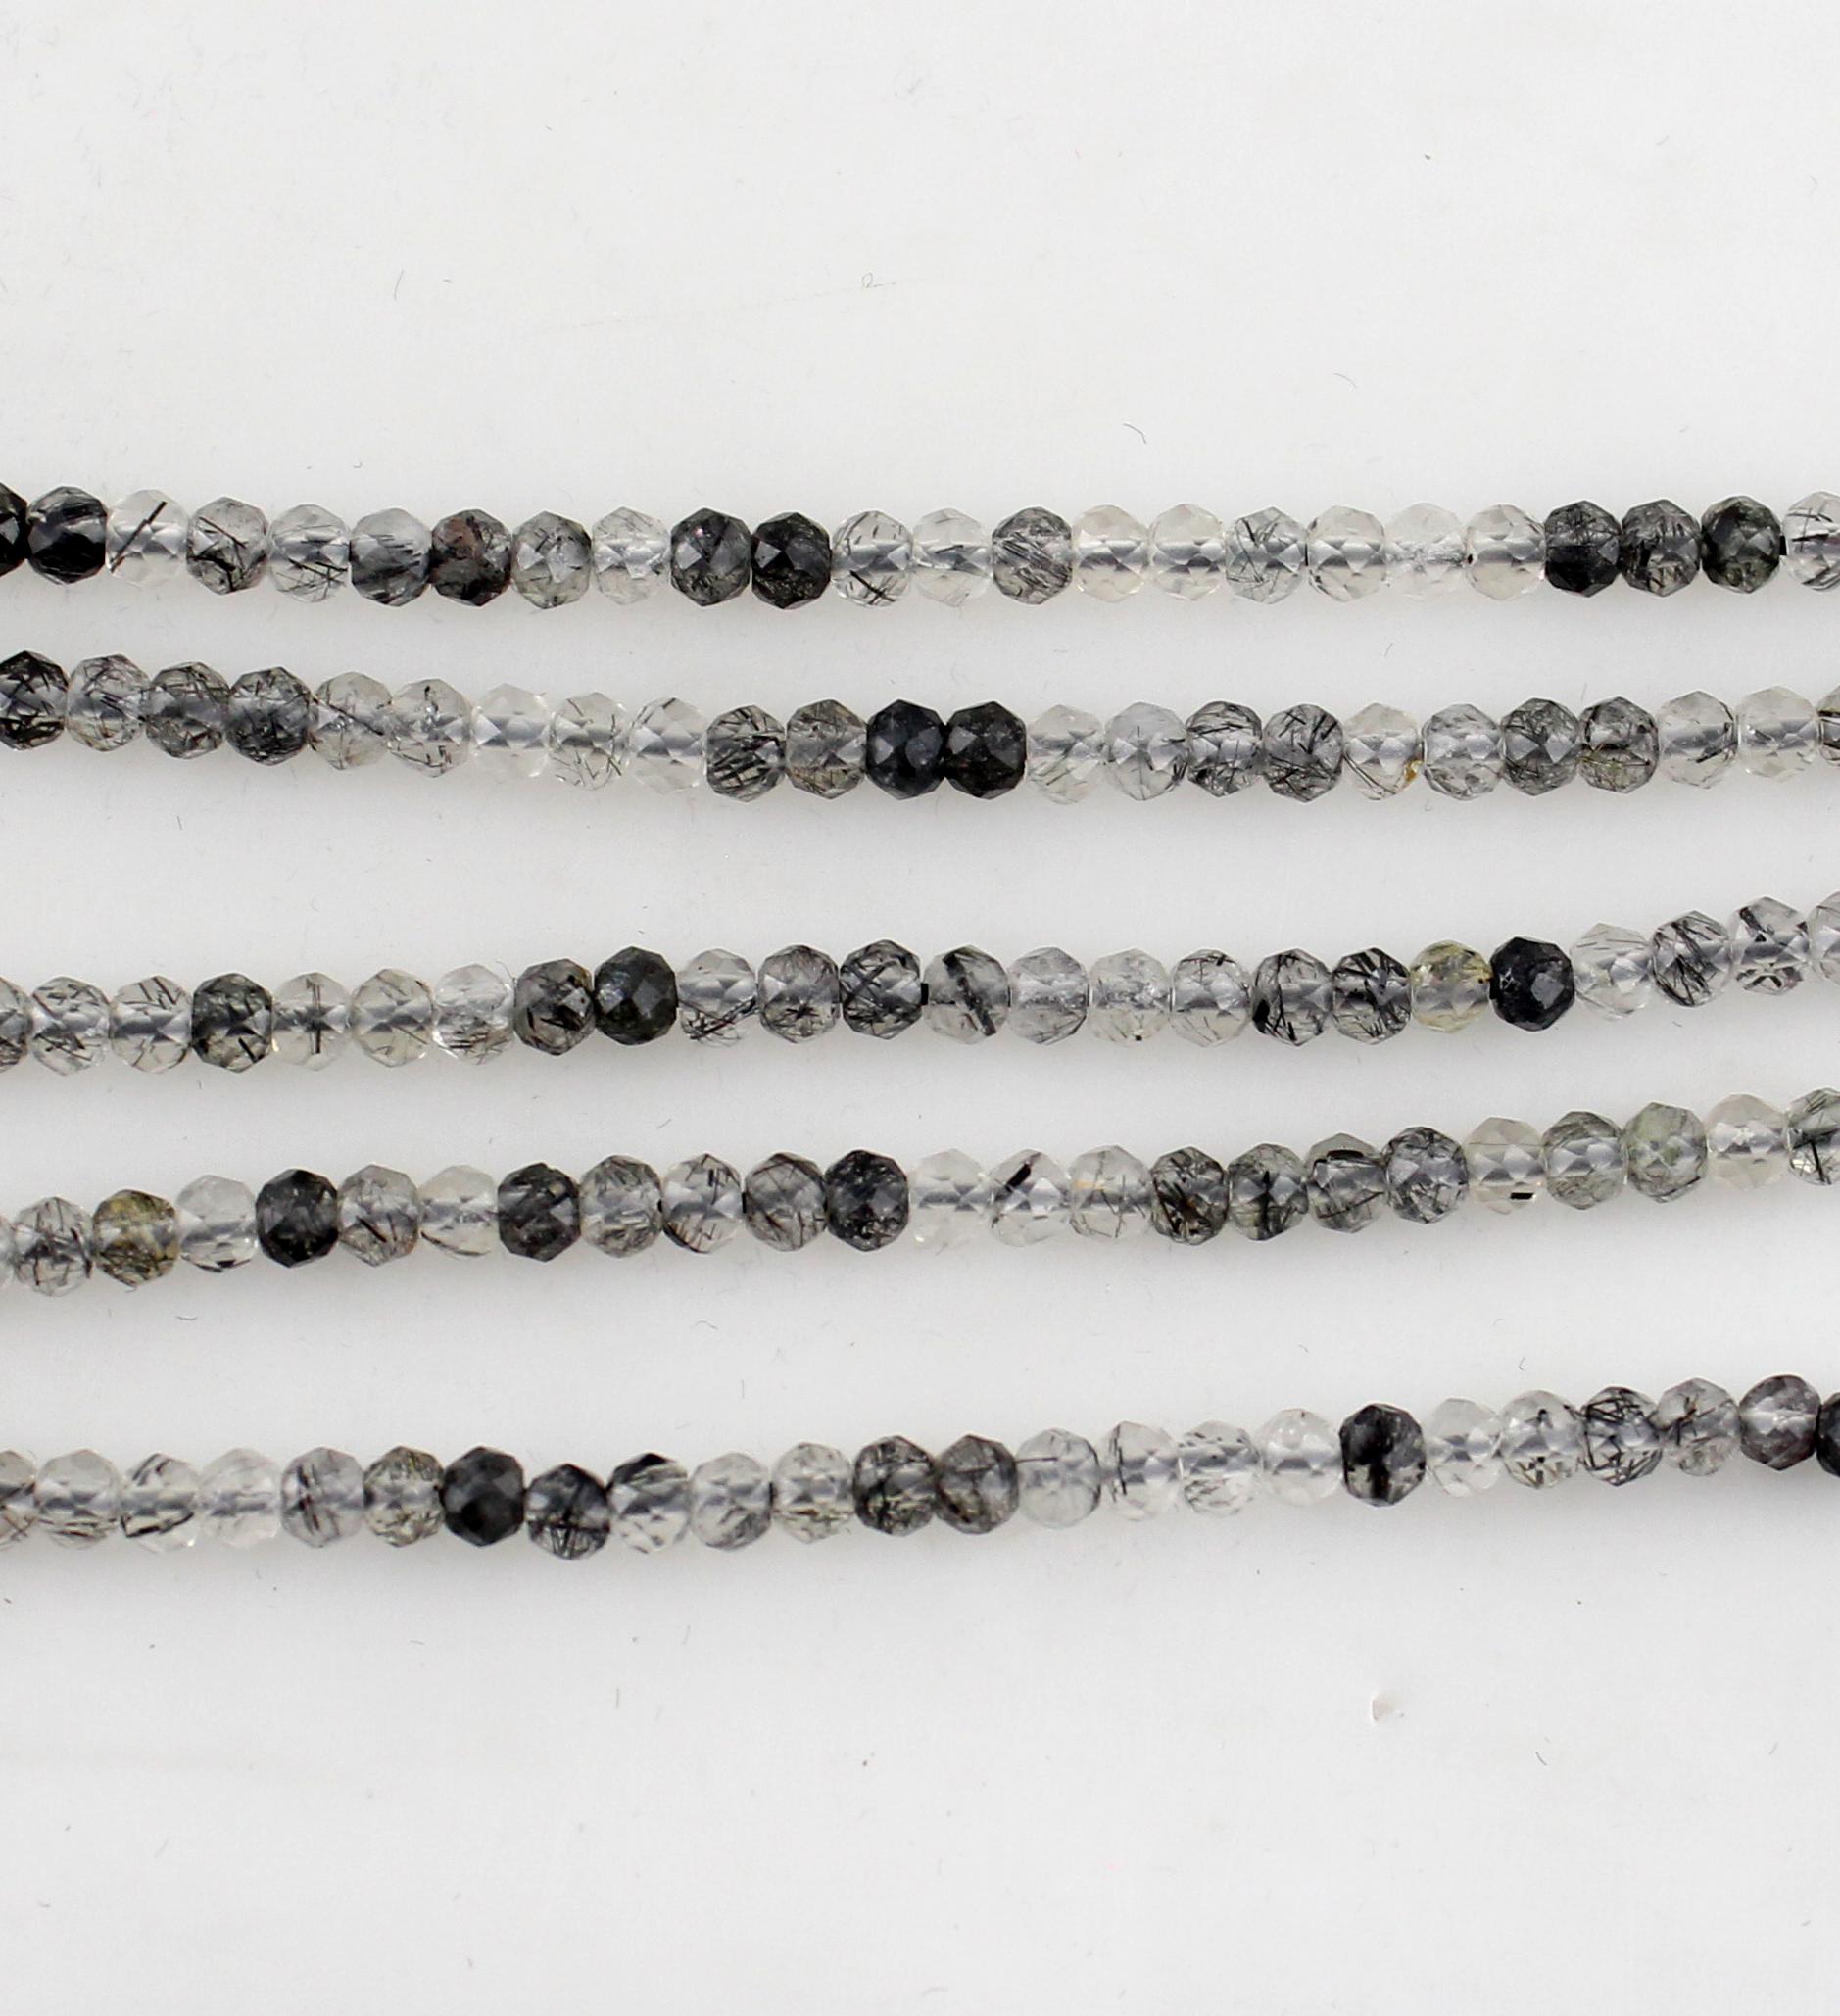 Rulite Quartz Micro Beads